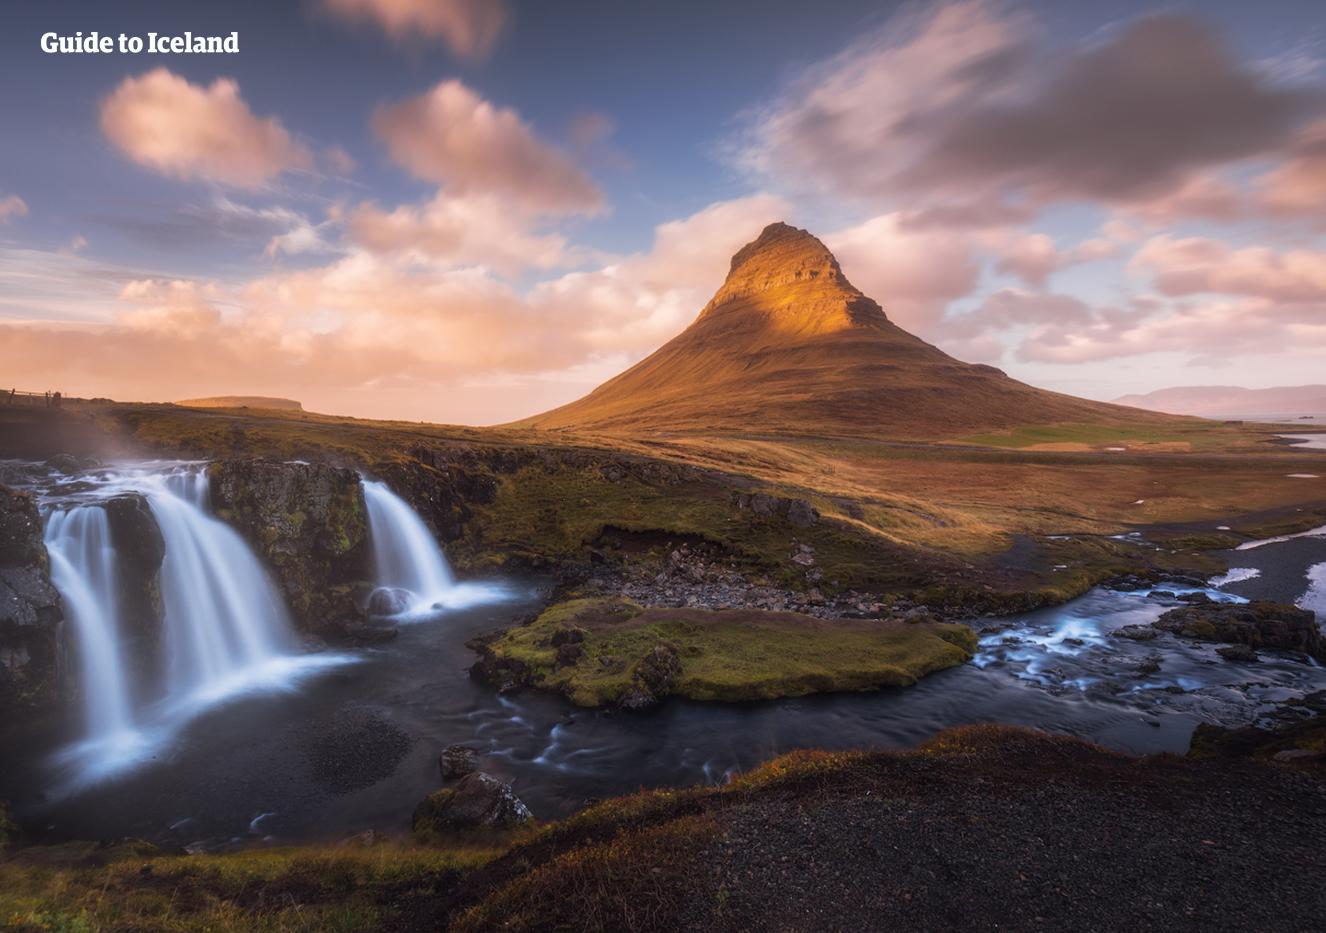 冰岛著名的教会山(Kirkjufell )位于西部斯奈山半岛北部,是冰岛其中一个最受欢迎的旅游景点